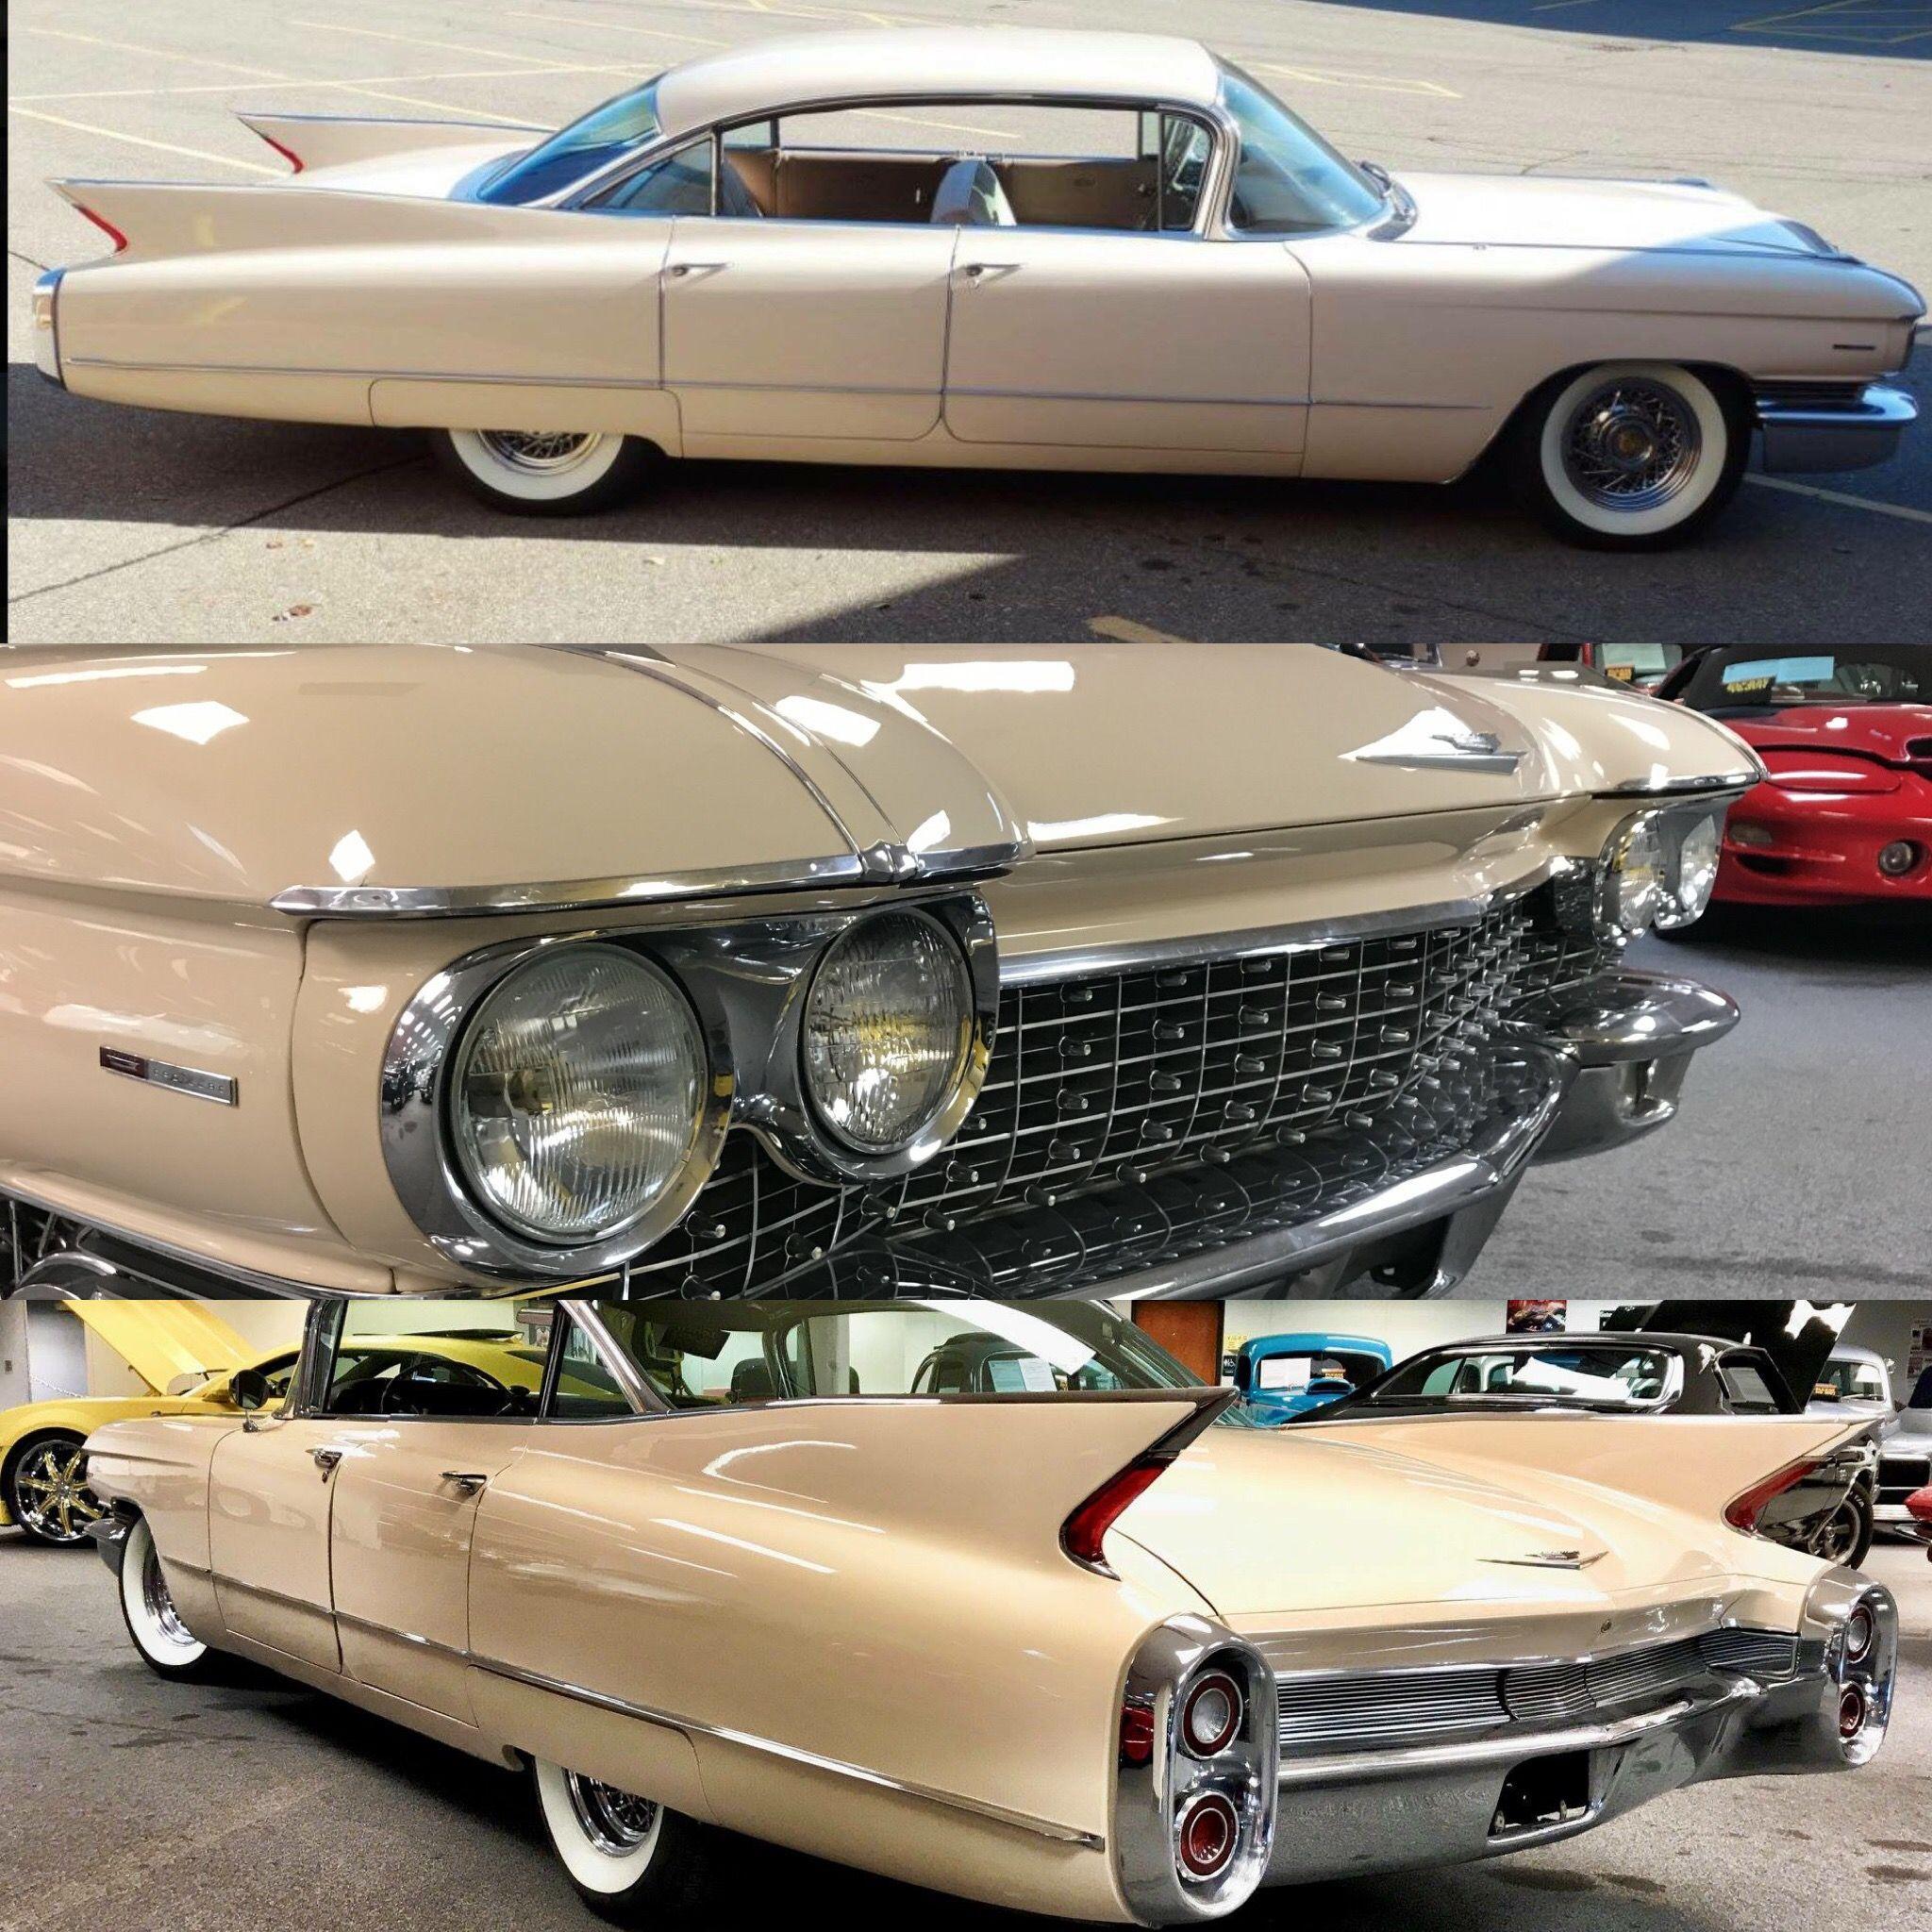 Pin On Cadillac 1960 Series 62